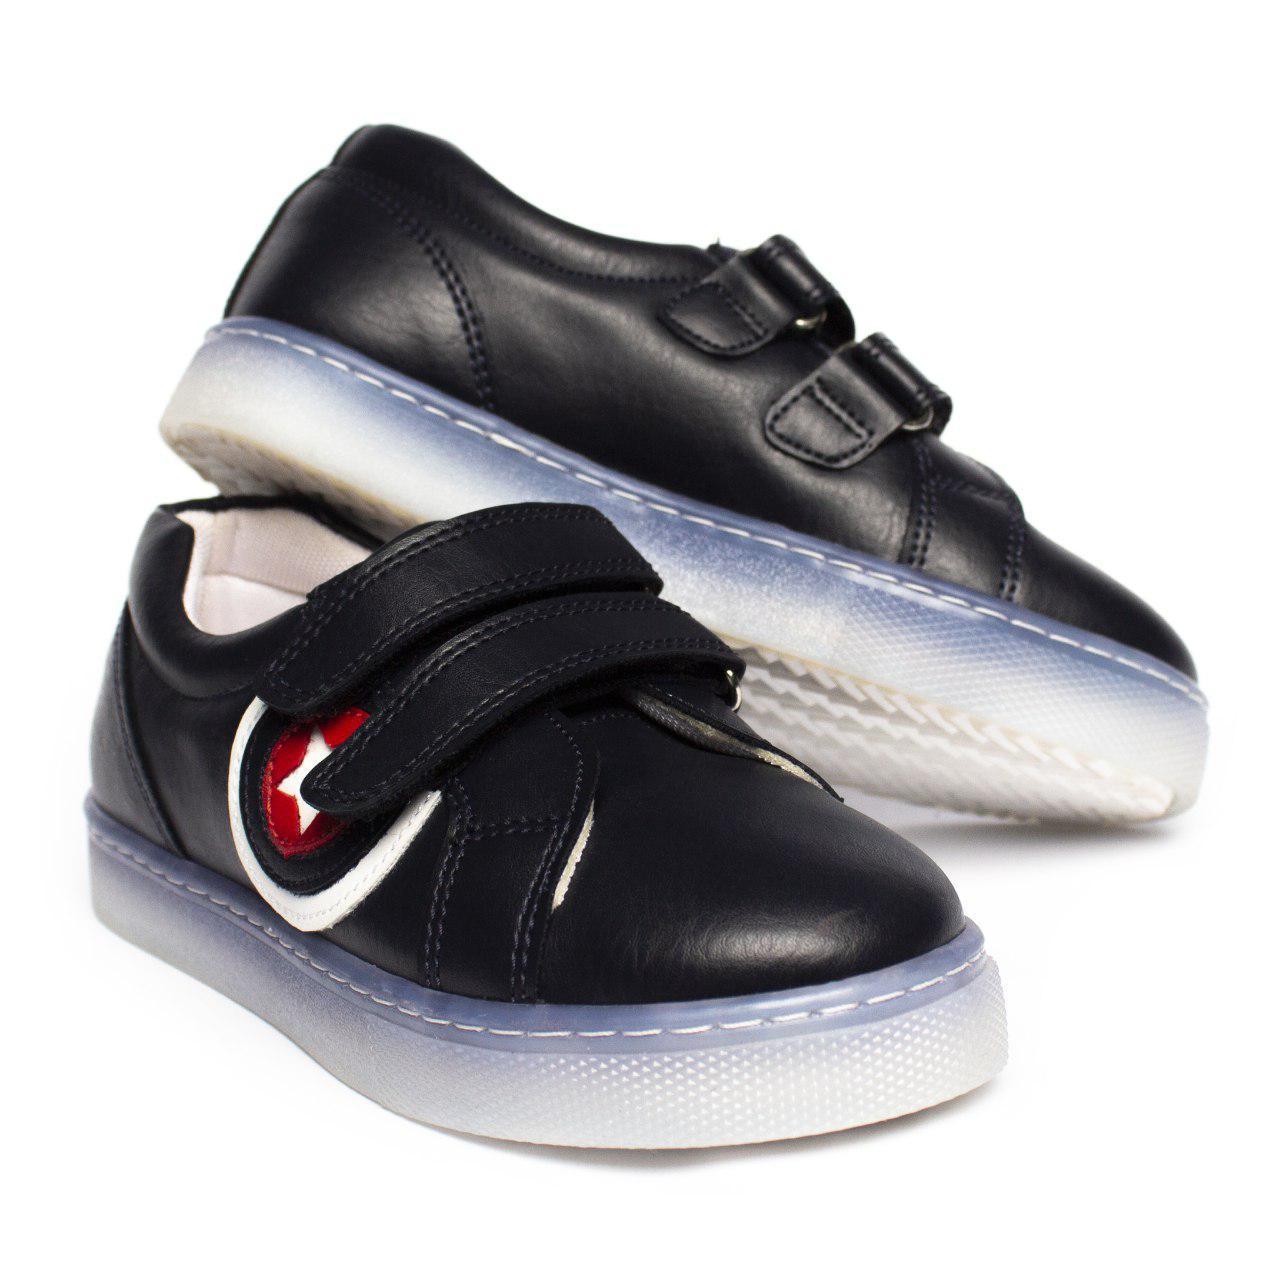 Светящиеся кроссовки для мальчика , размеры 27, 28